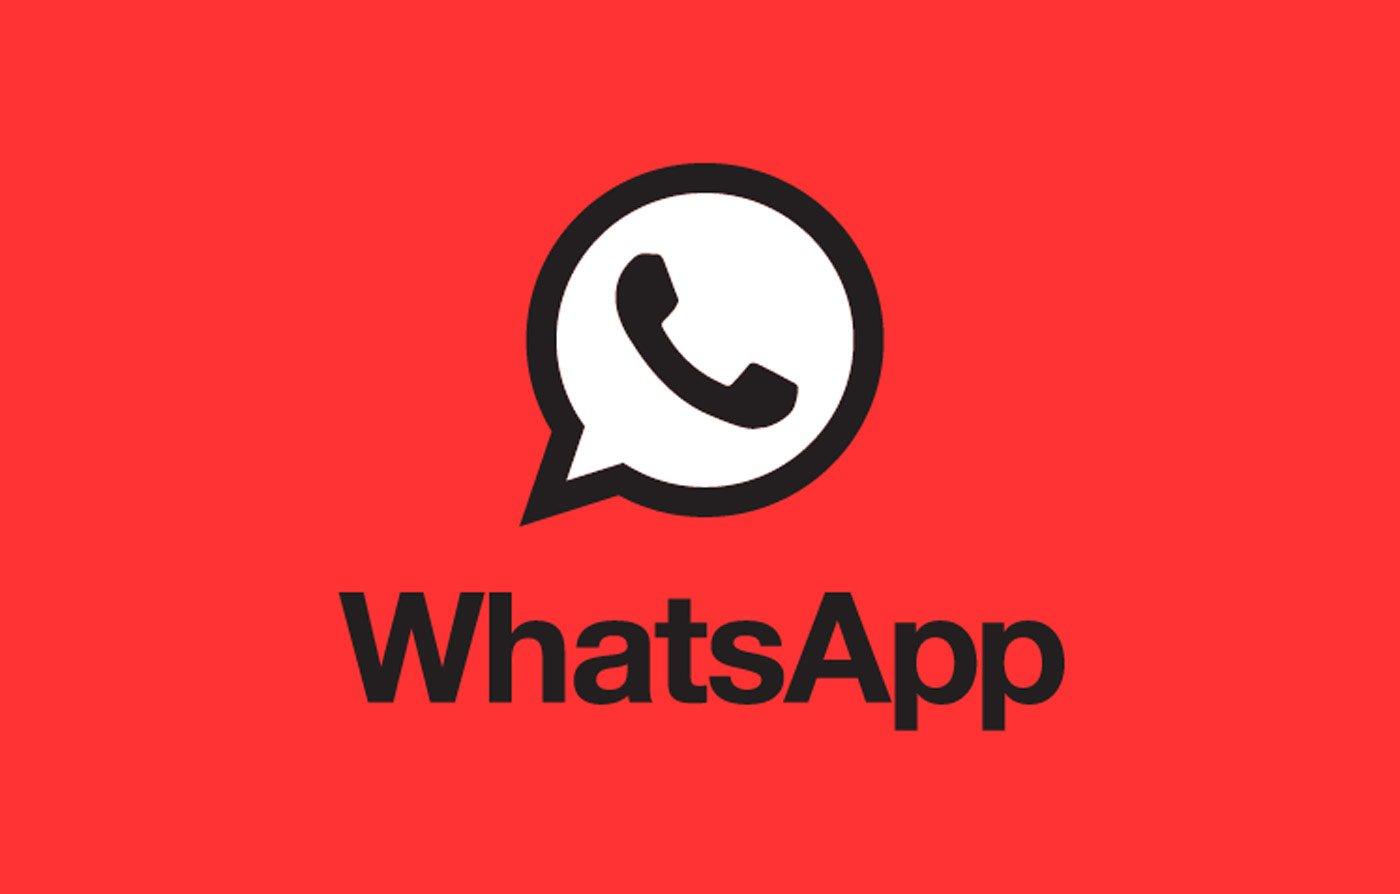 iOS 8 WhatsApp Abstürze, Bugs und Fehler beheben 2